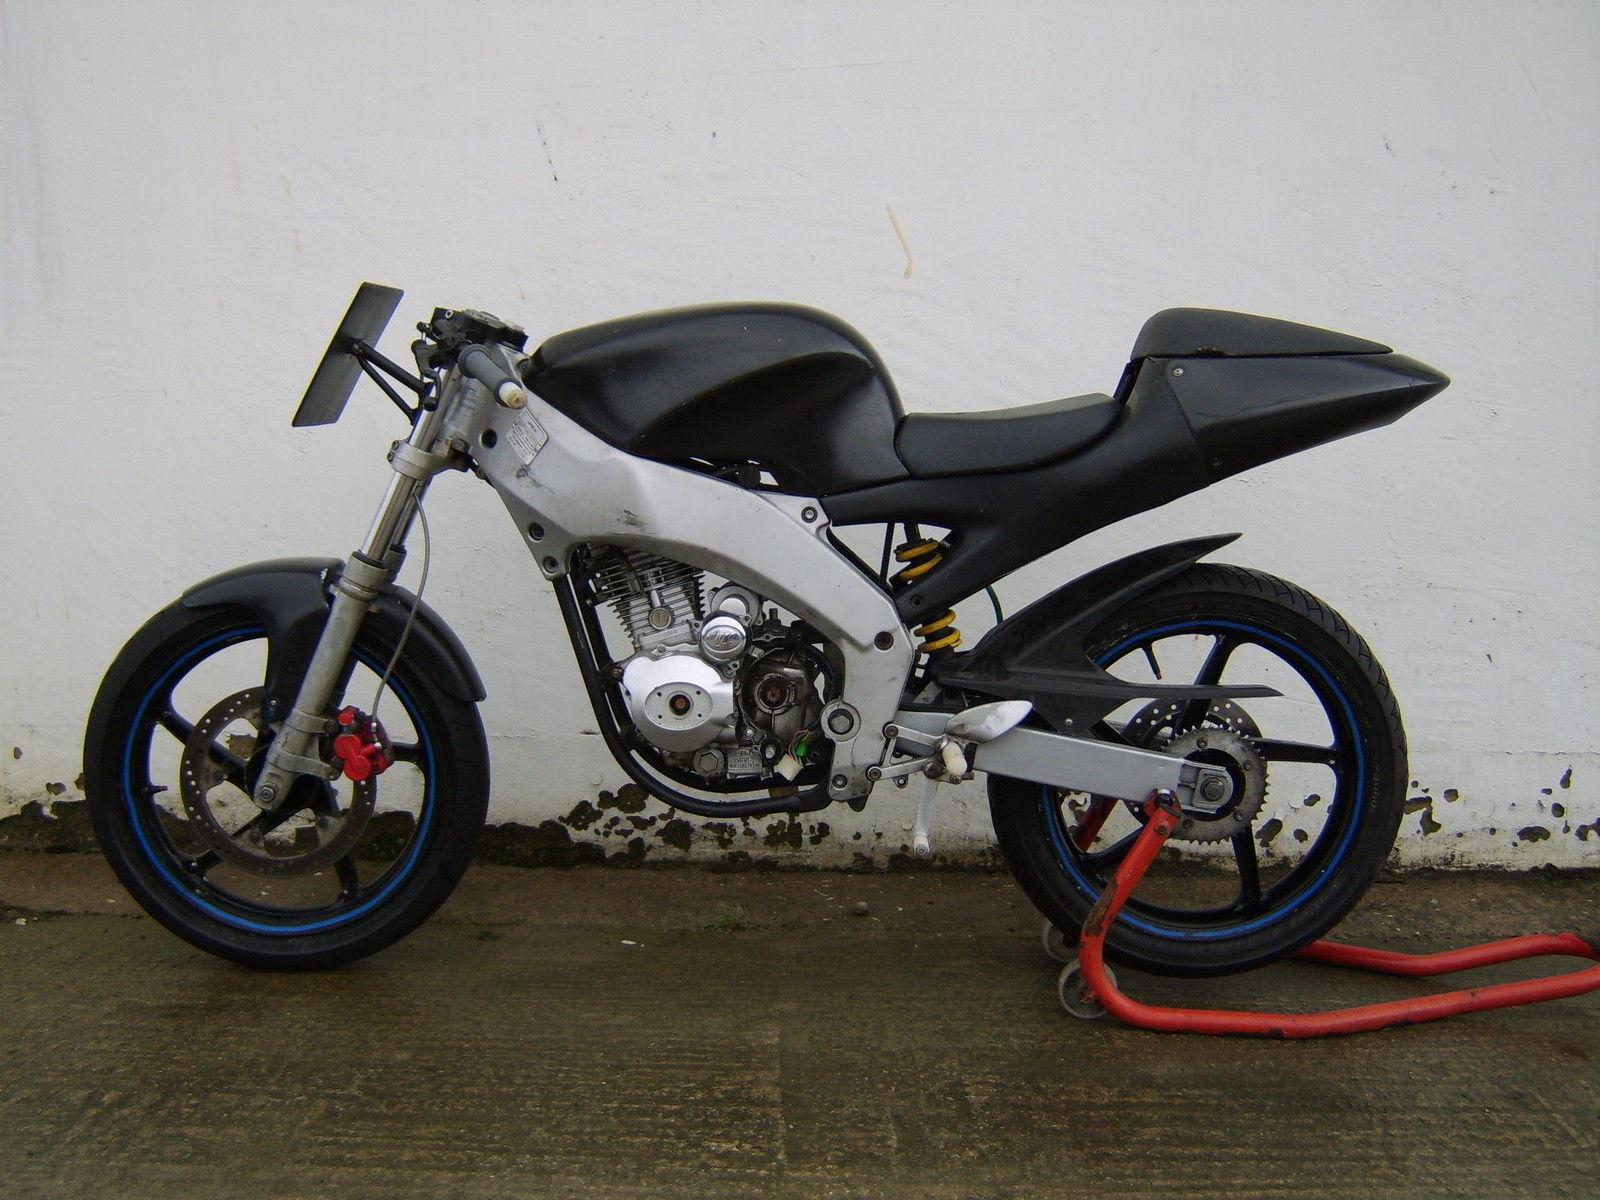 Aprilia Rs50 Race Track Bike Cg 125 Lifan Copy Engine